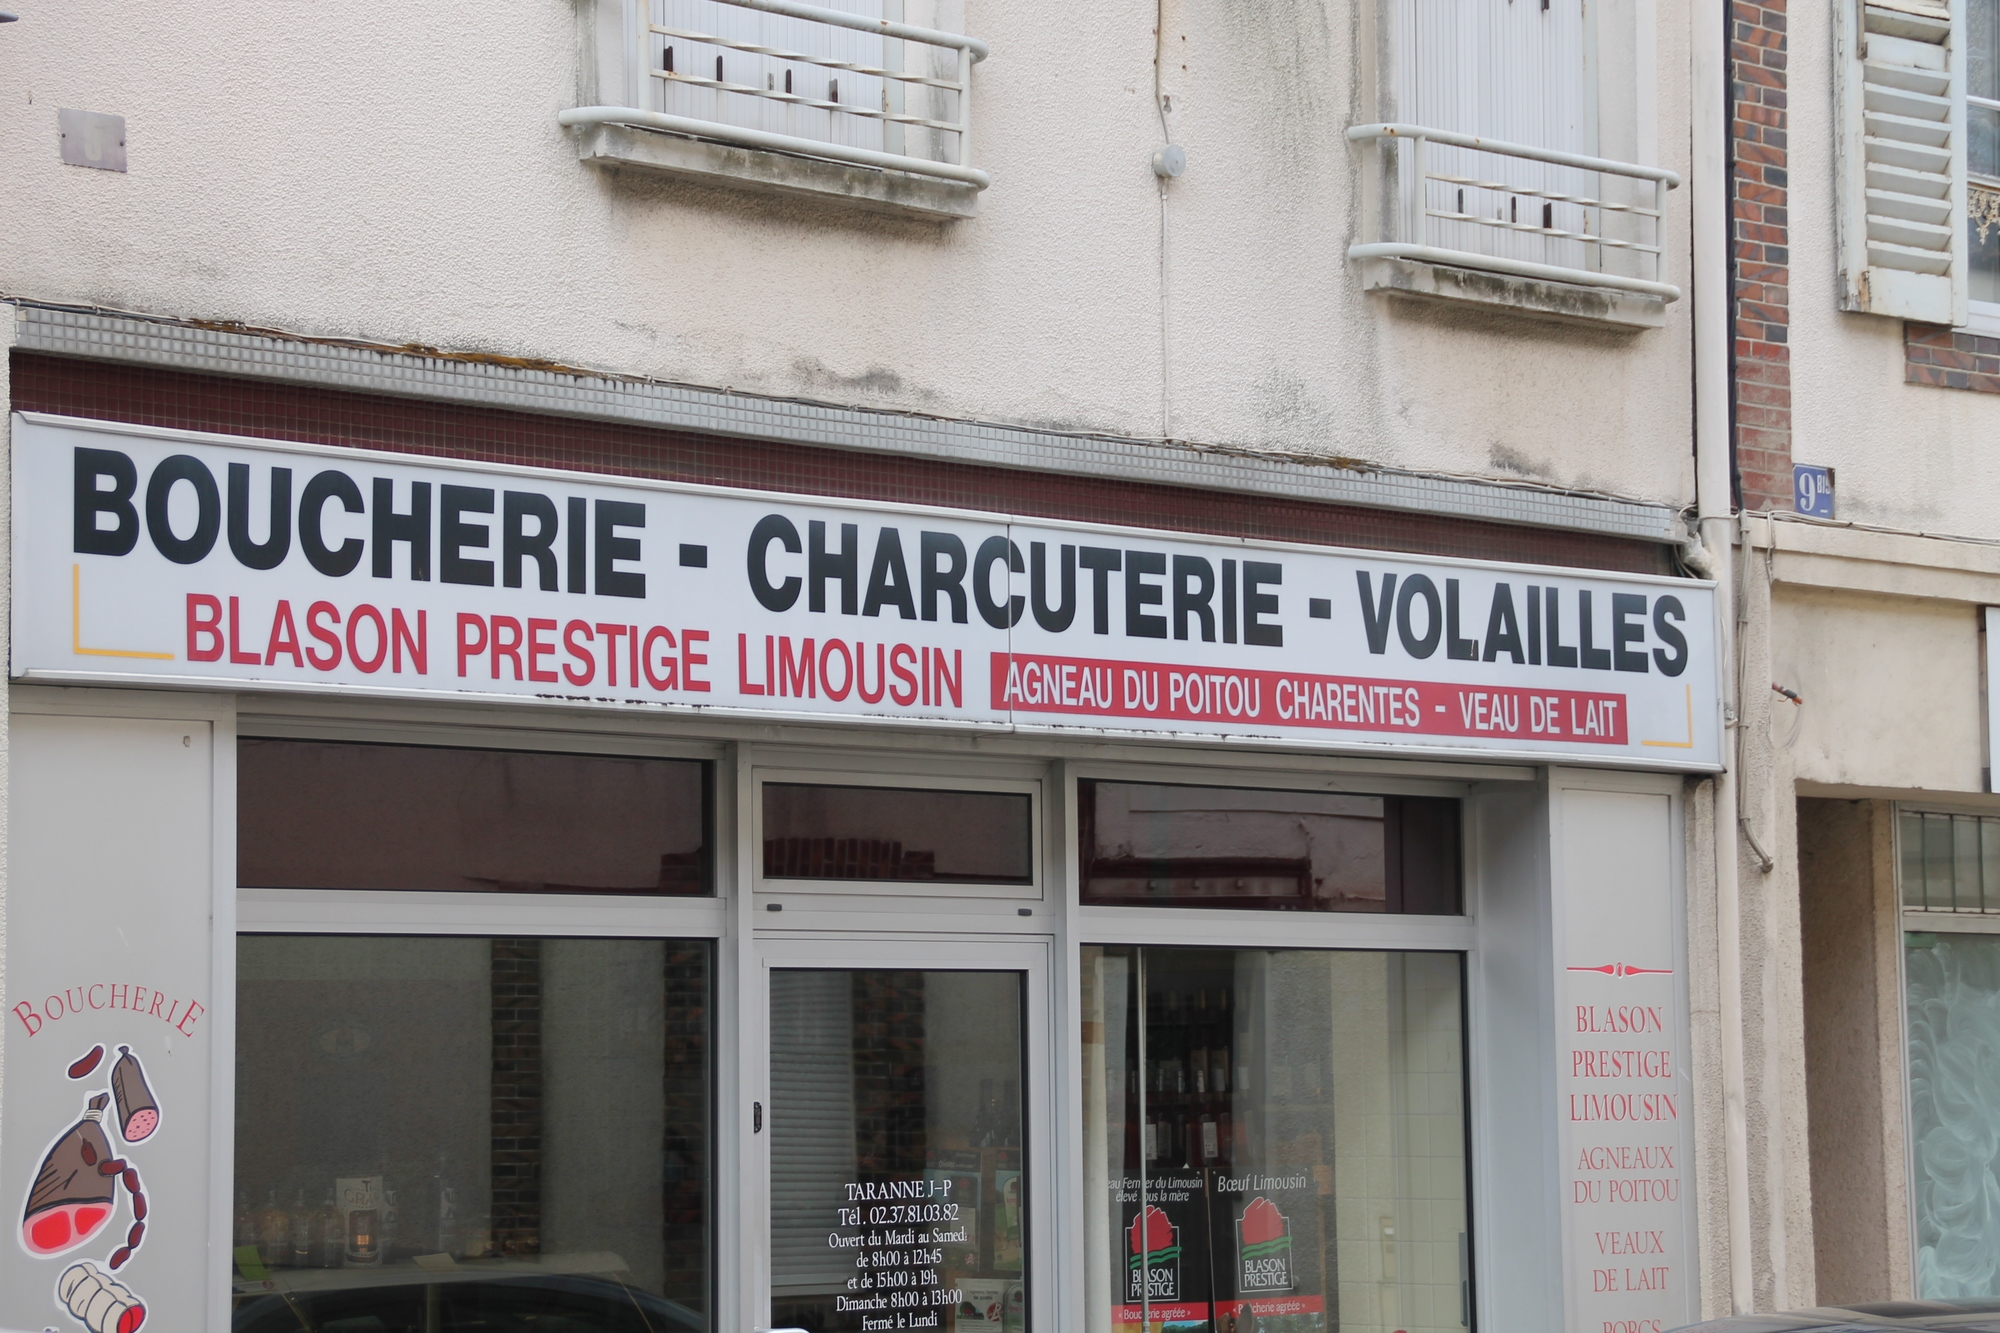 Boucherie charcuterie Taranne à LA LOUPE © emiliebarthellemy